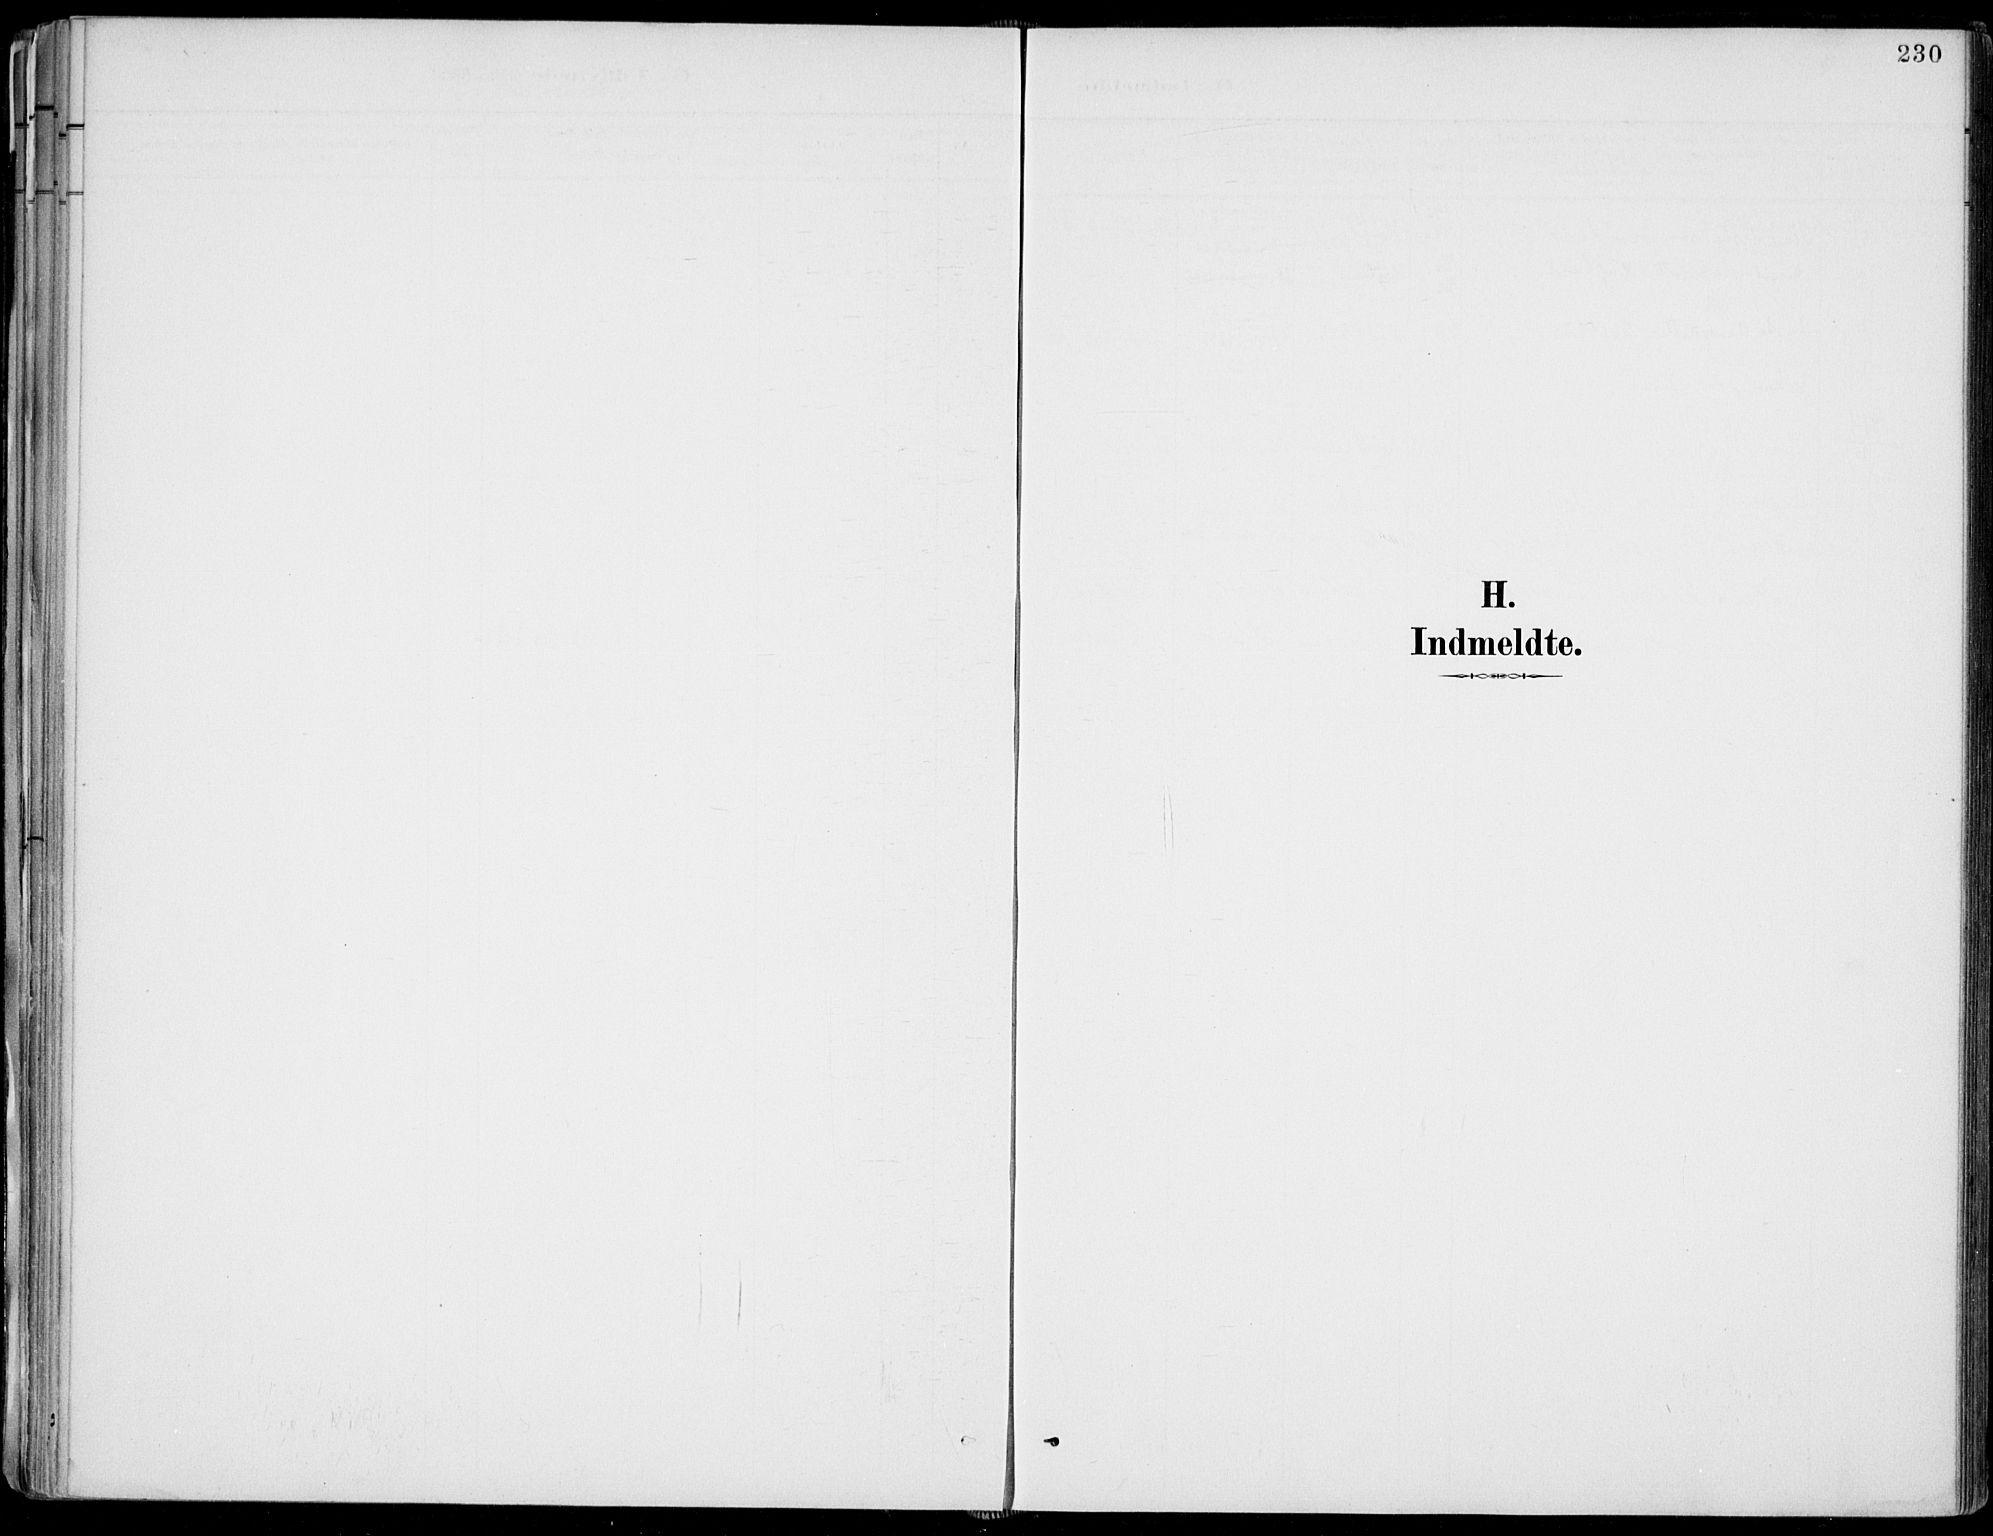 SAKO, Fyresdal kirkebøker, F/Fa/L0007: Ministerialbok nr. I 7, 1887-1914, s. 230